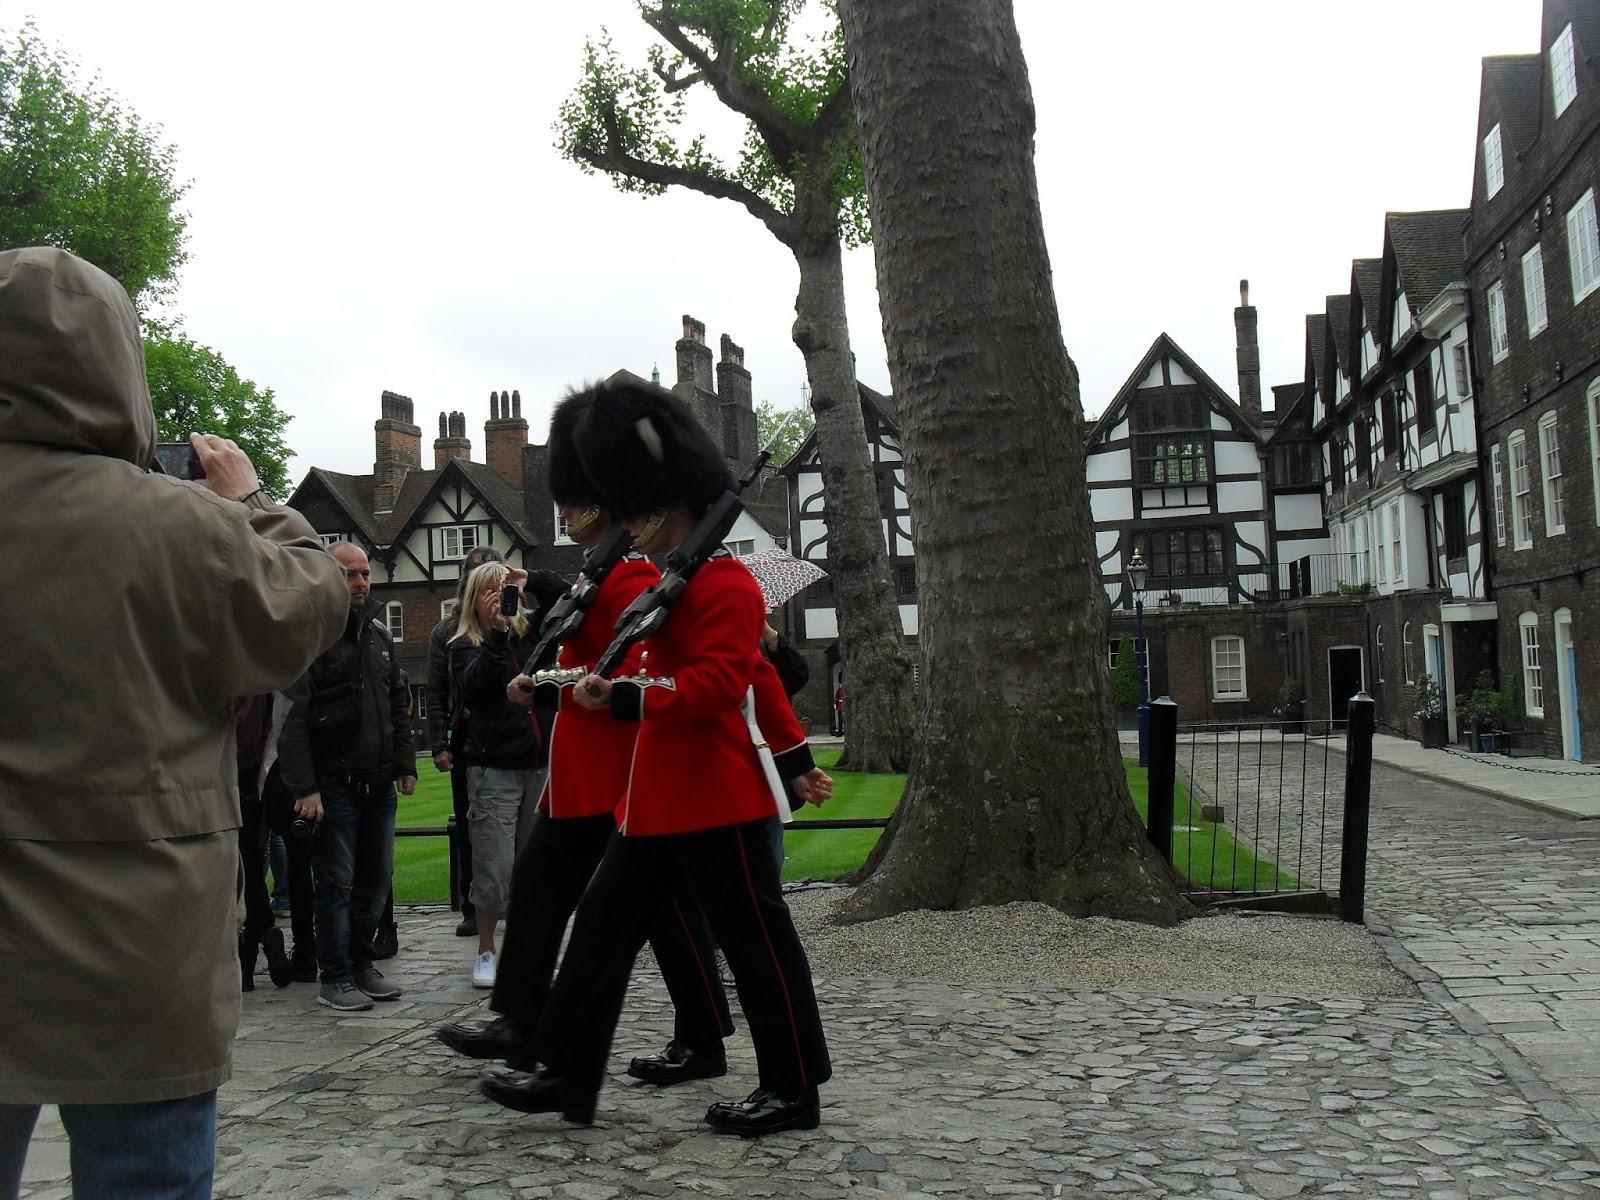 Встолице Англии служащий королевской гвардии напугал туриста